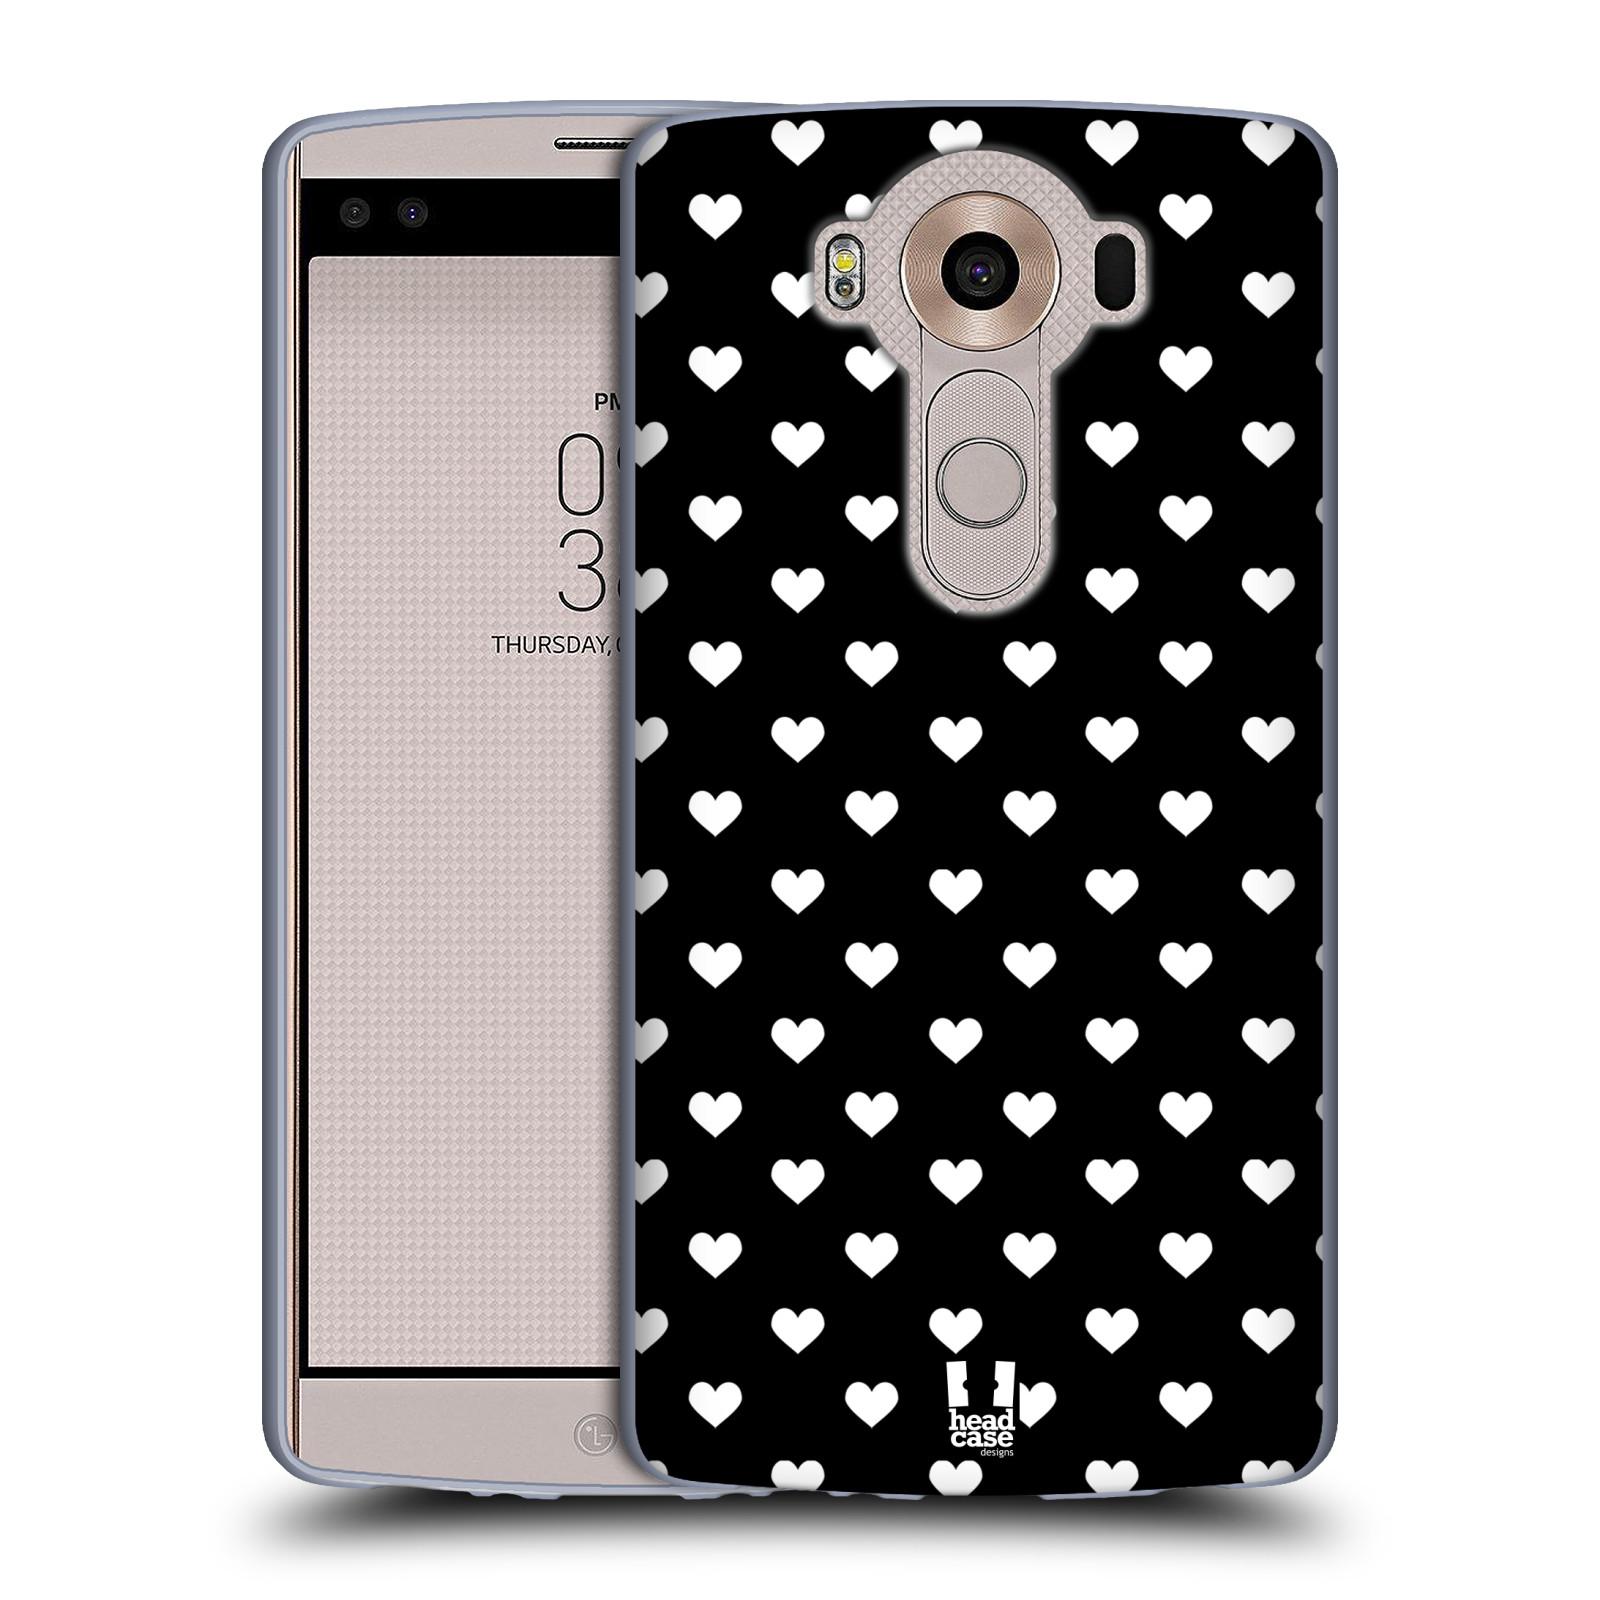 HEAD CASE silikonový obal na mobil LG V10 (H960A) vzor Srdíčka ČERNÁ A BÍLÁ